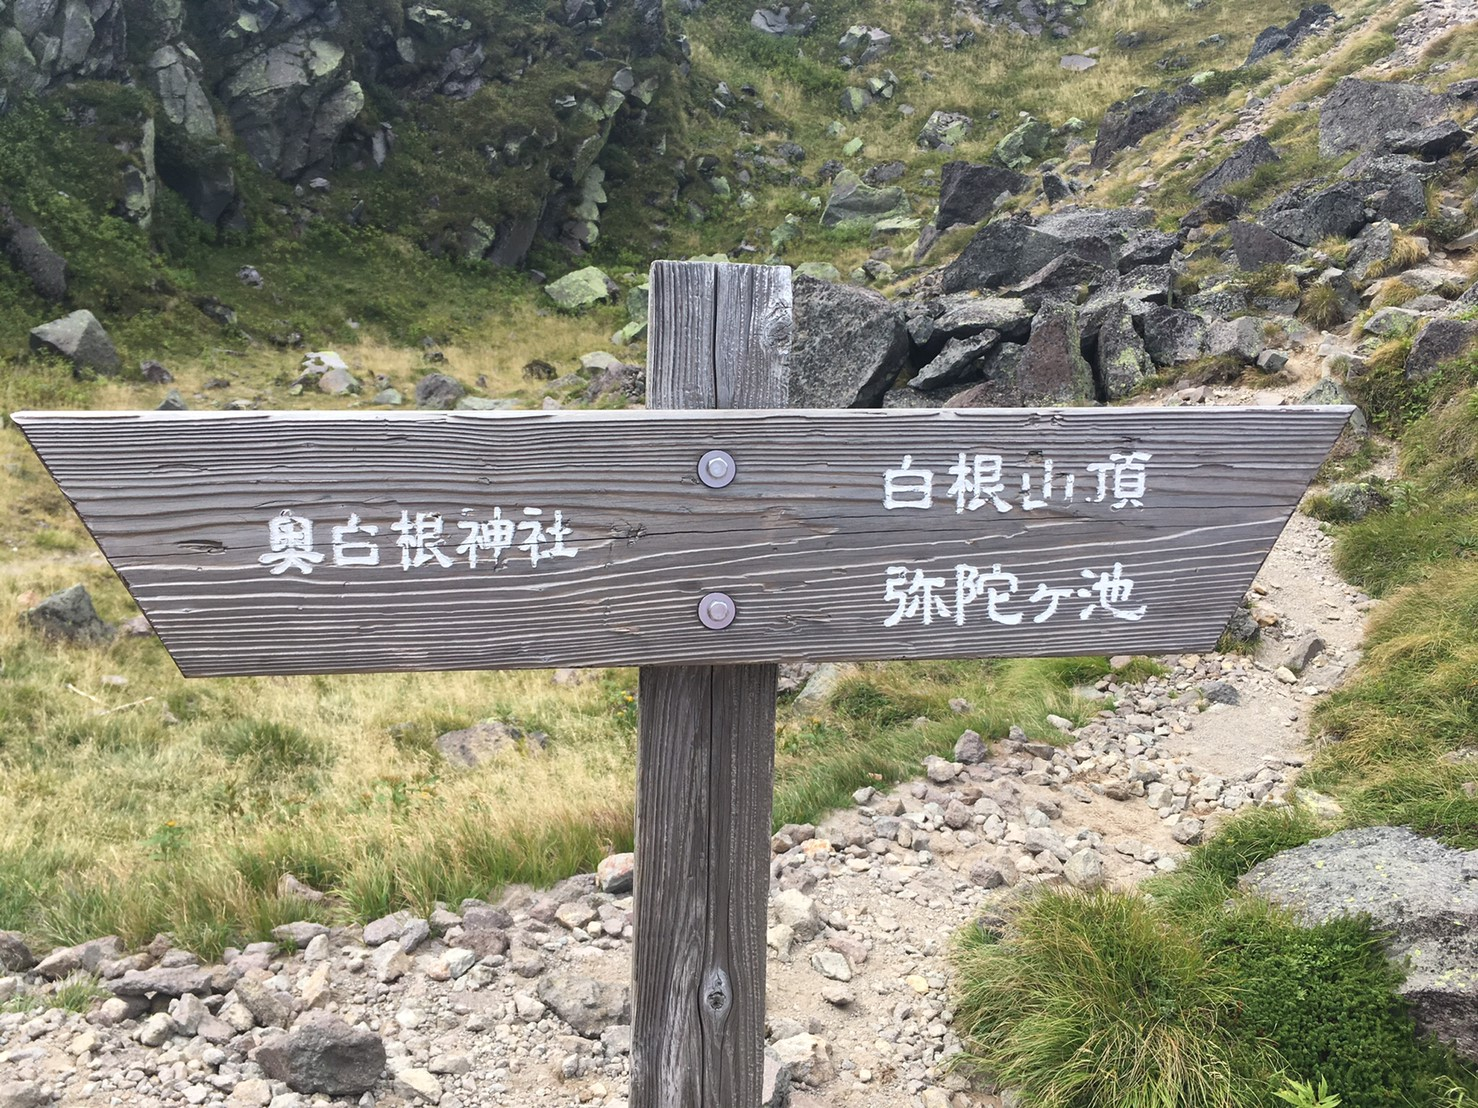 もうすぐ山頂です。